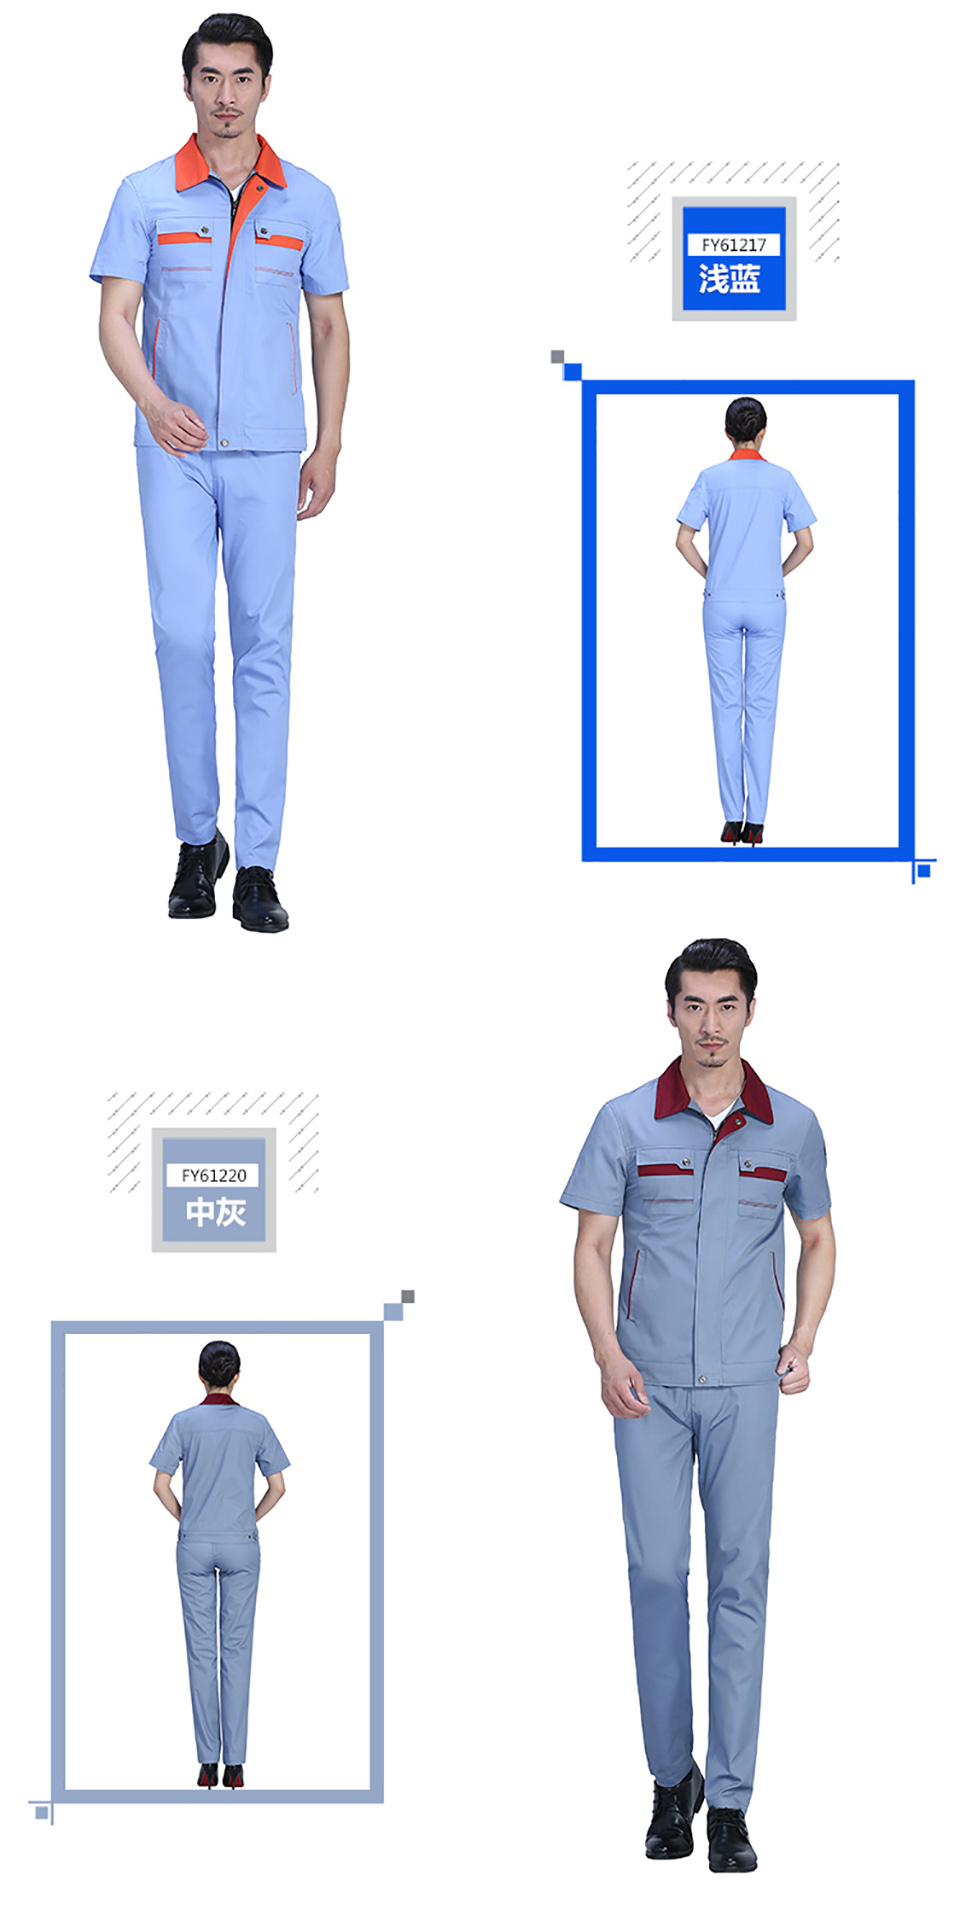 藏蓝色夏季工服FY612